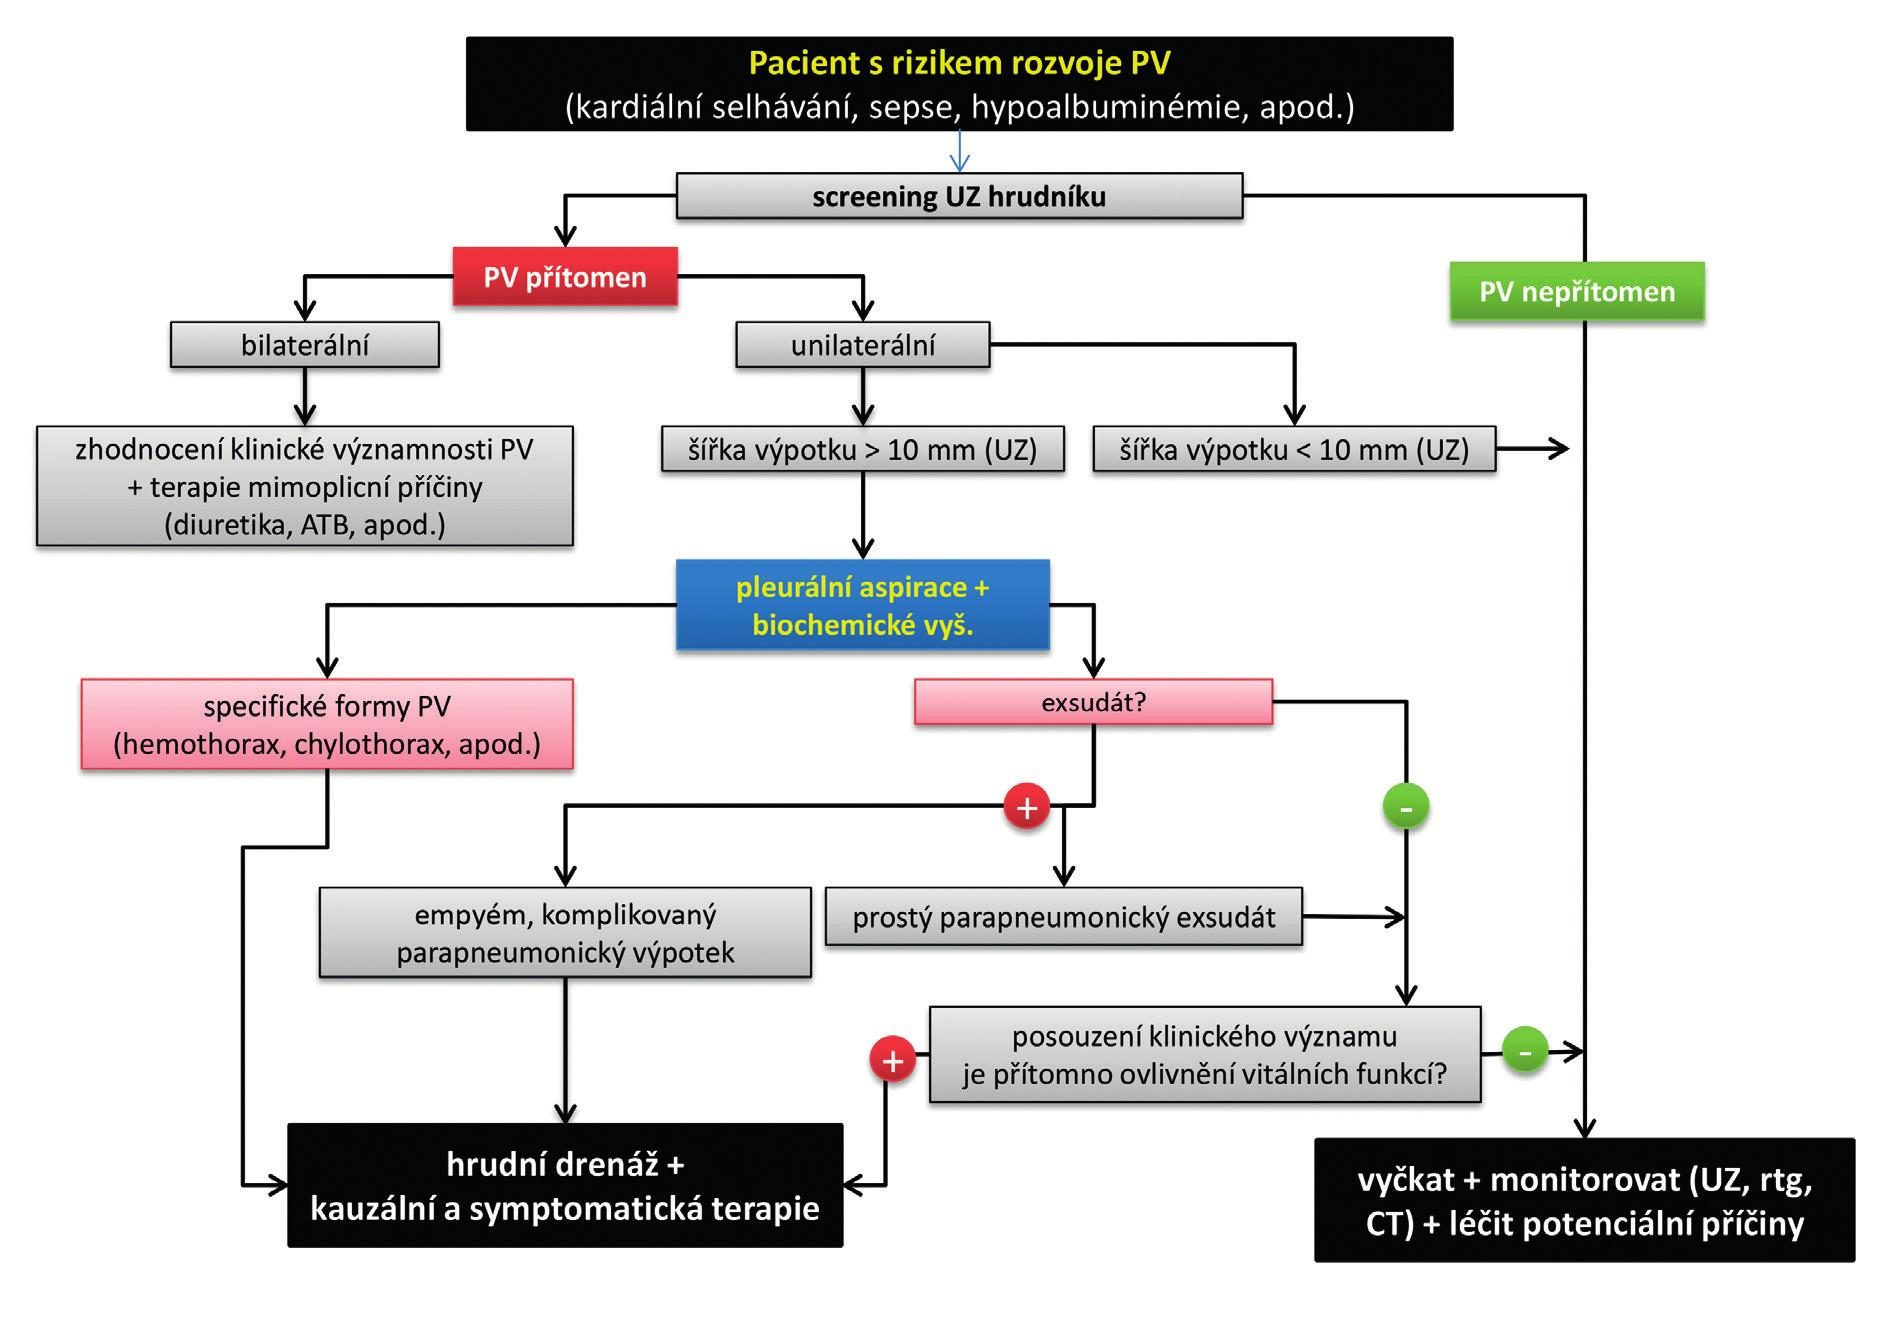 Schéma úvodního diagnosticko-terapeutického algoritmu u pacientů s pleurálním výpotkem  v intenzivní péči